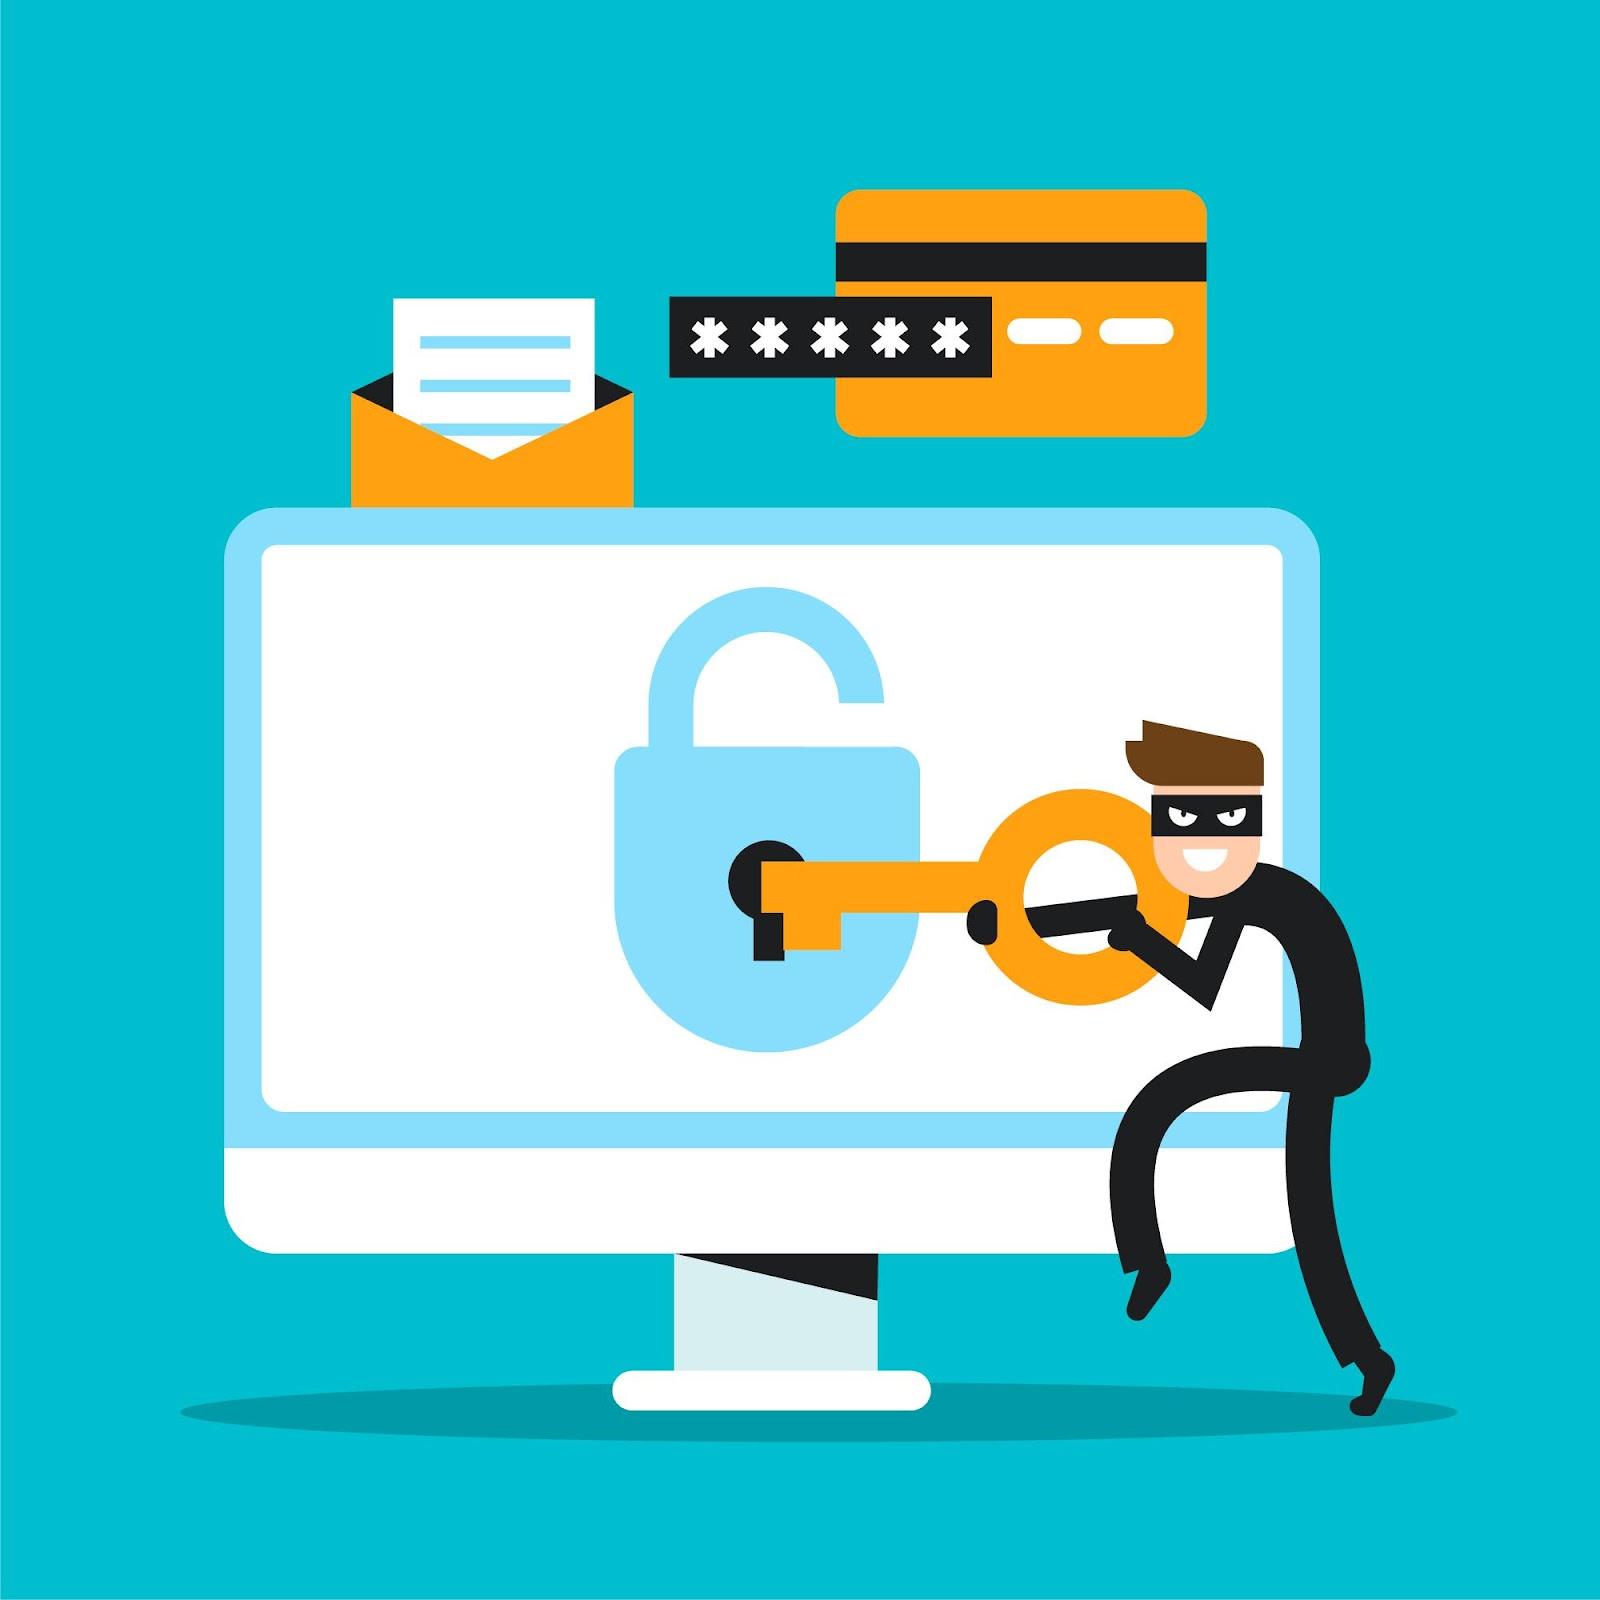 Ciberataques são muito comuns. Fique atento!